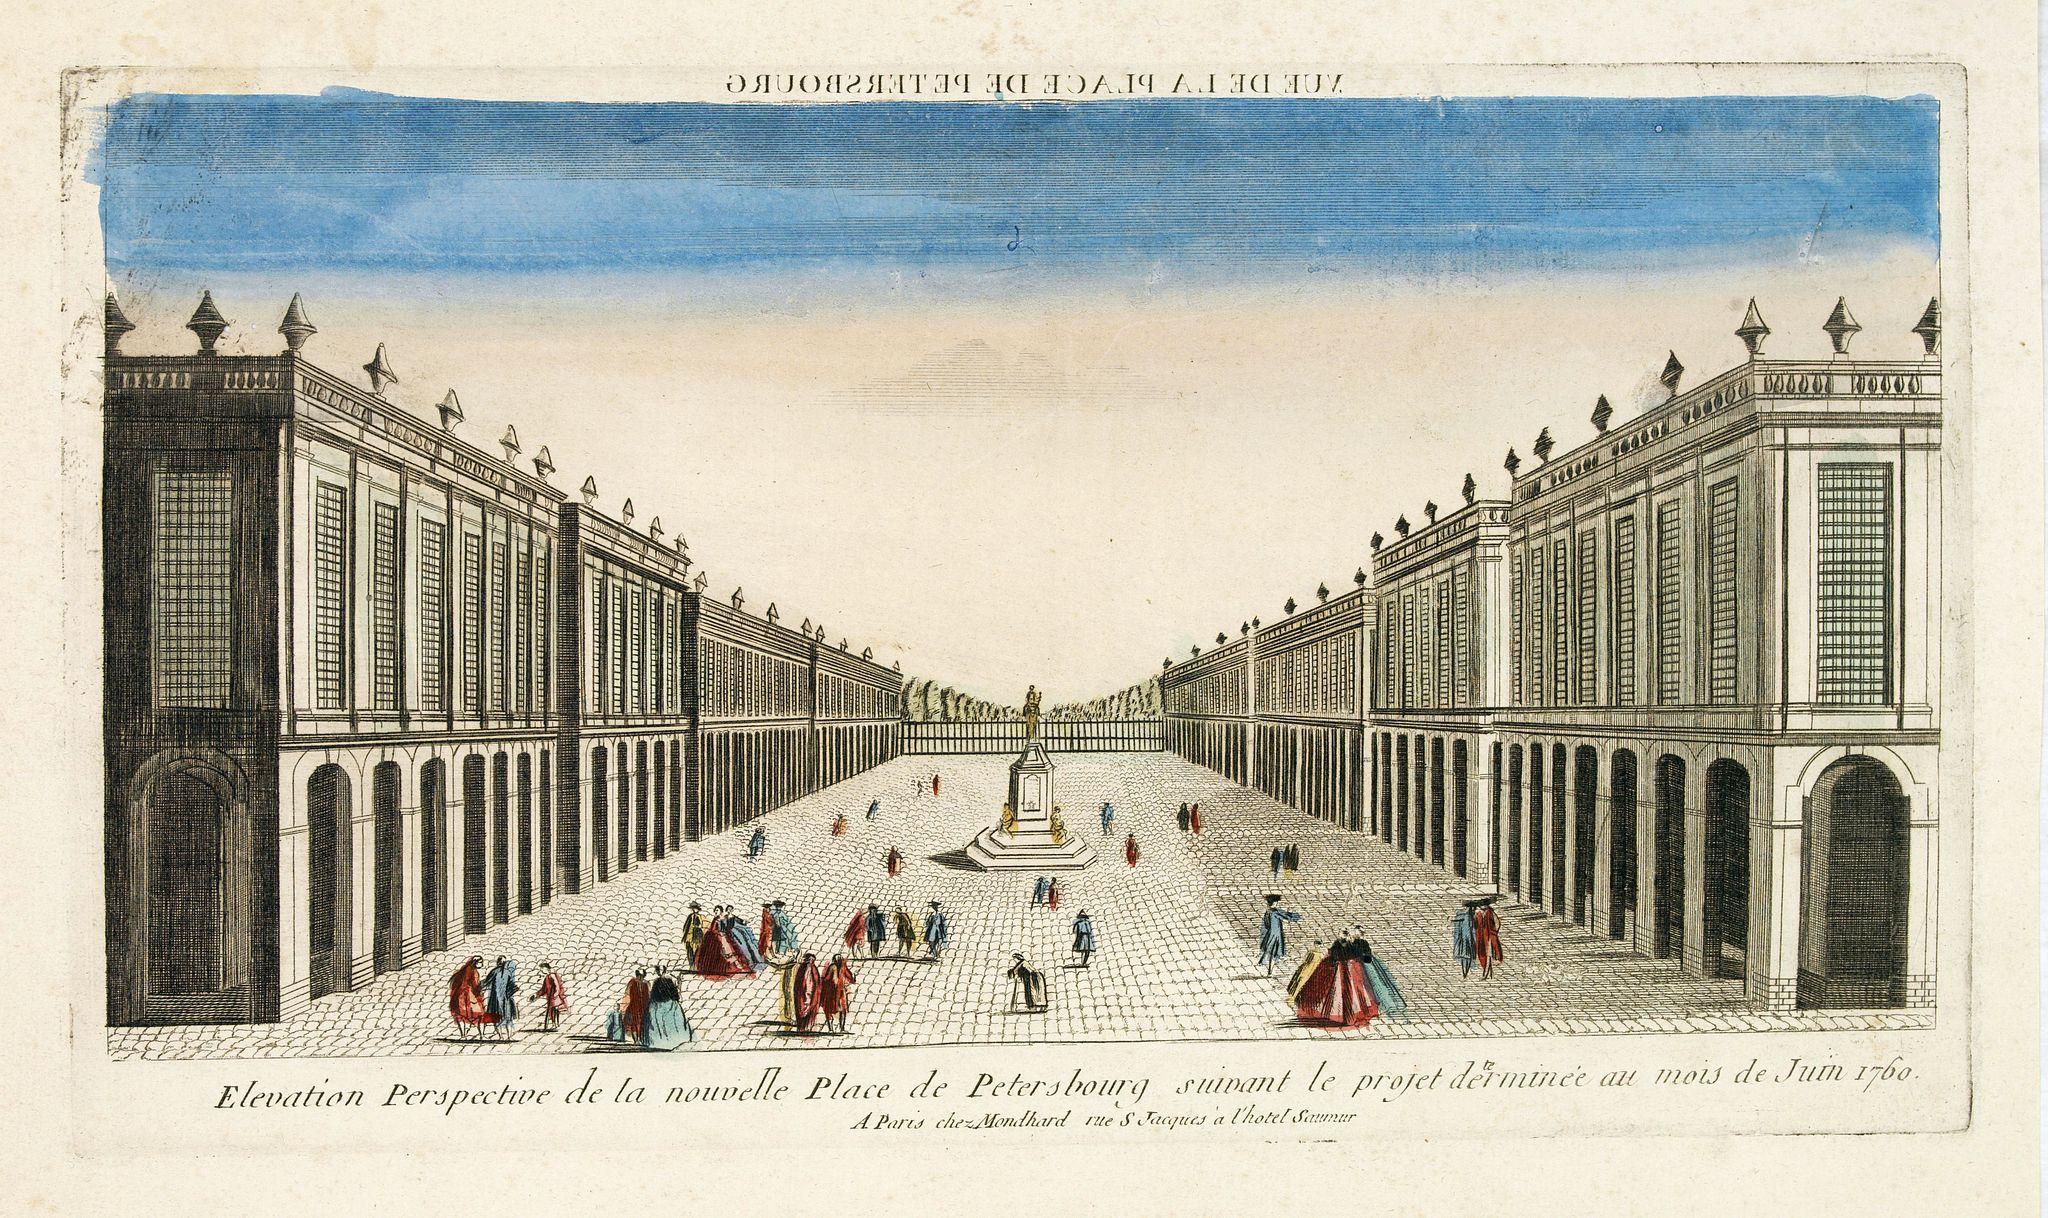 CHEREAU, J. -  Elevation perspective de la nouvelle place de Petersbourg suivant le projet . . .